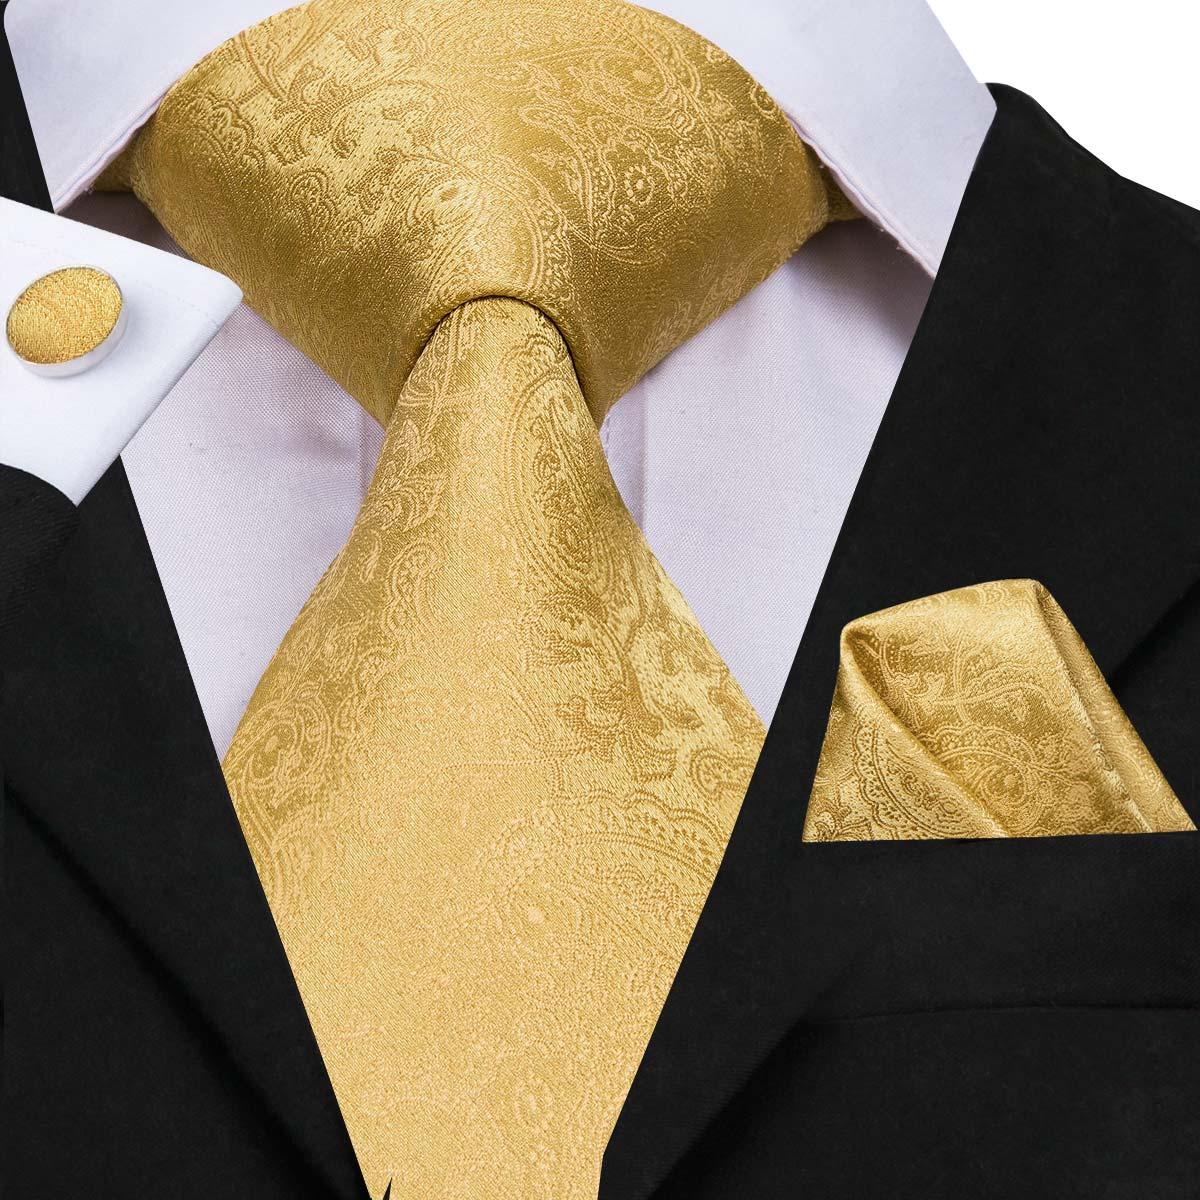 Oi-Gravata Dos Homens De Seda Gravata Conjunto Floral Gravatas e Lenços Abotoaduras de Ouro Amarelo Set Festa de Casamento Terno dos homens moda Gravata C-3053